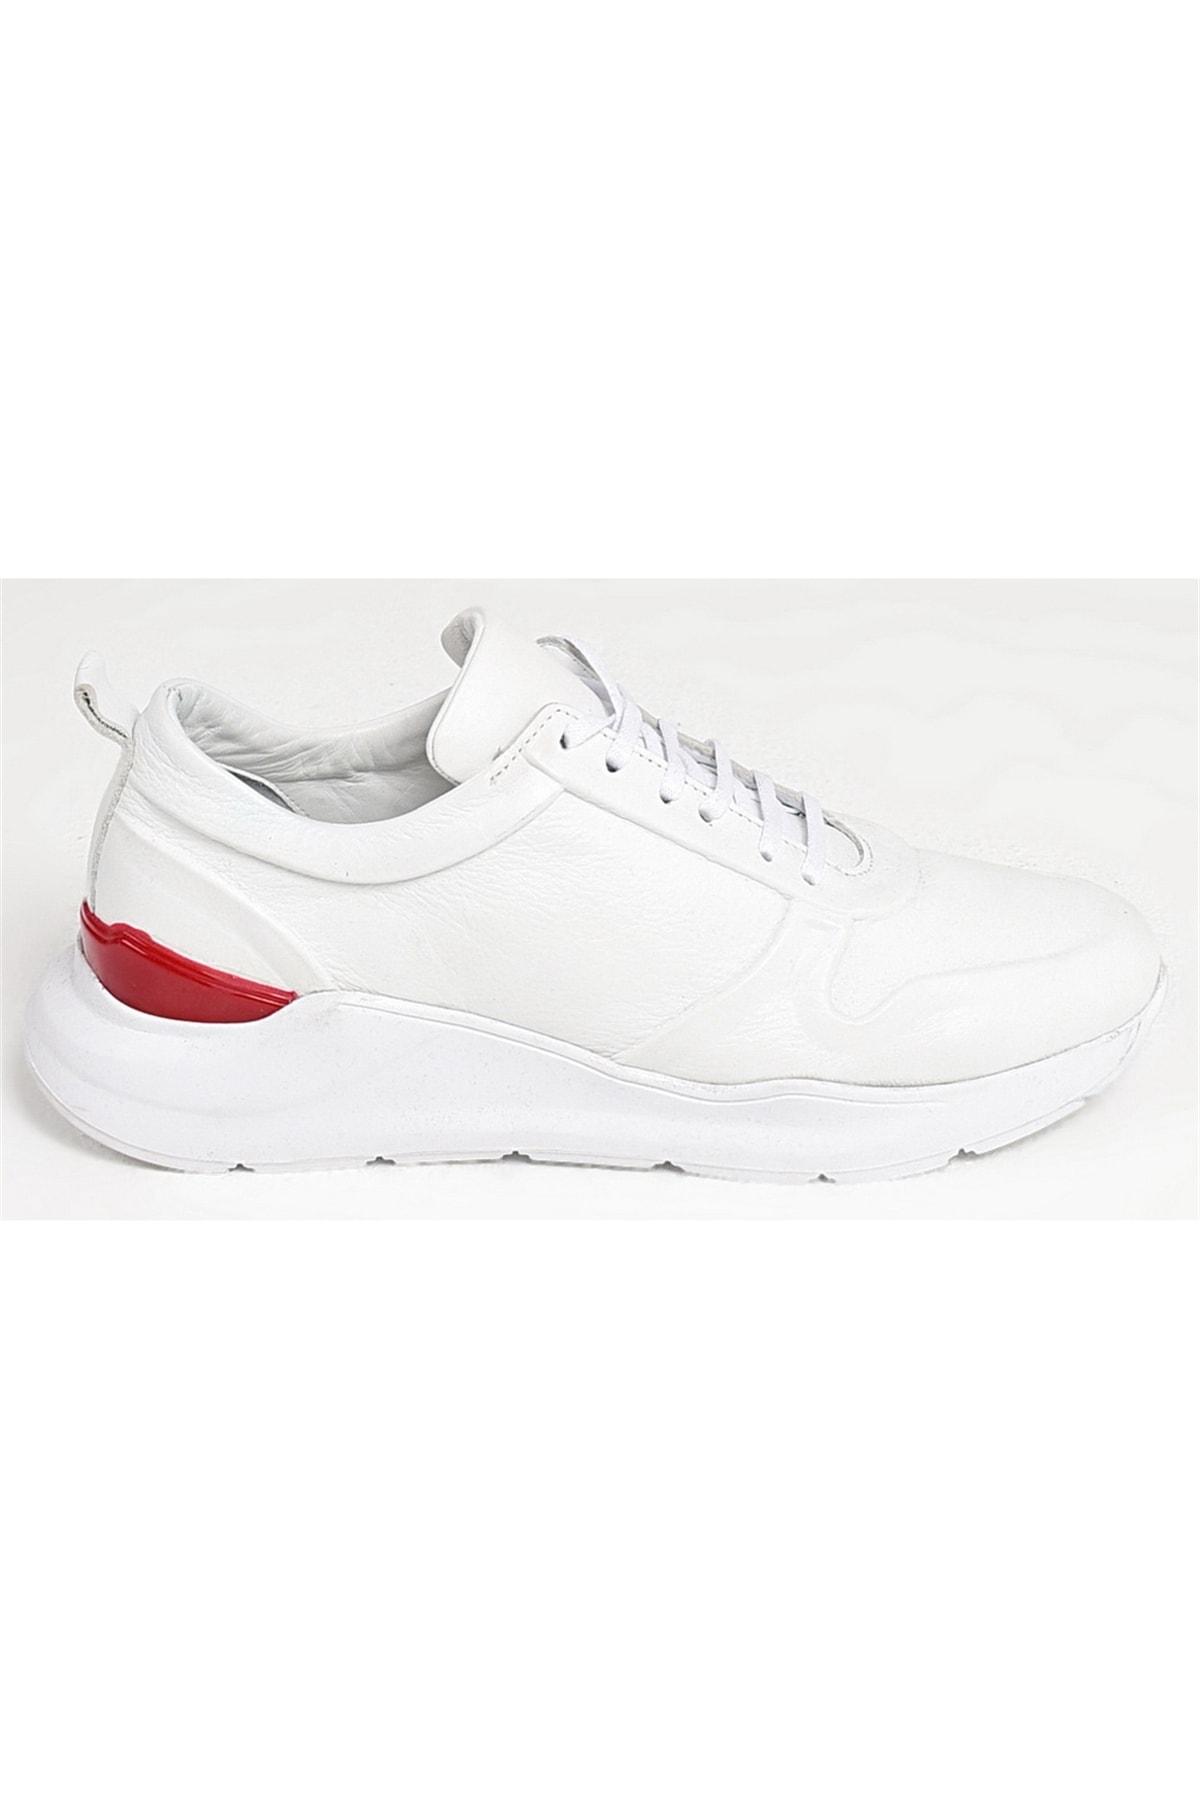 Efor 1471 Beyaz Spor Ayakkabı 1